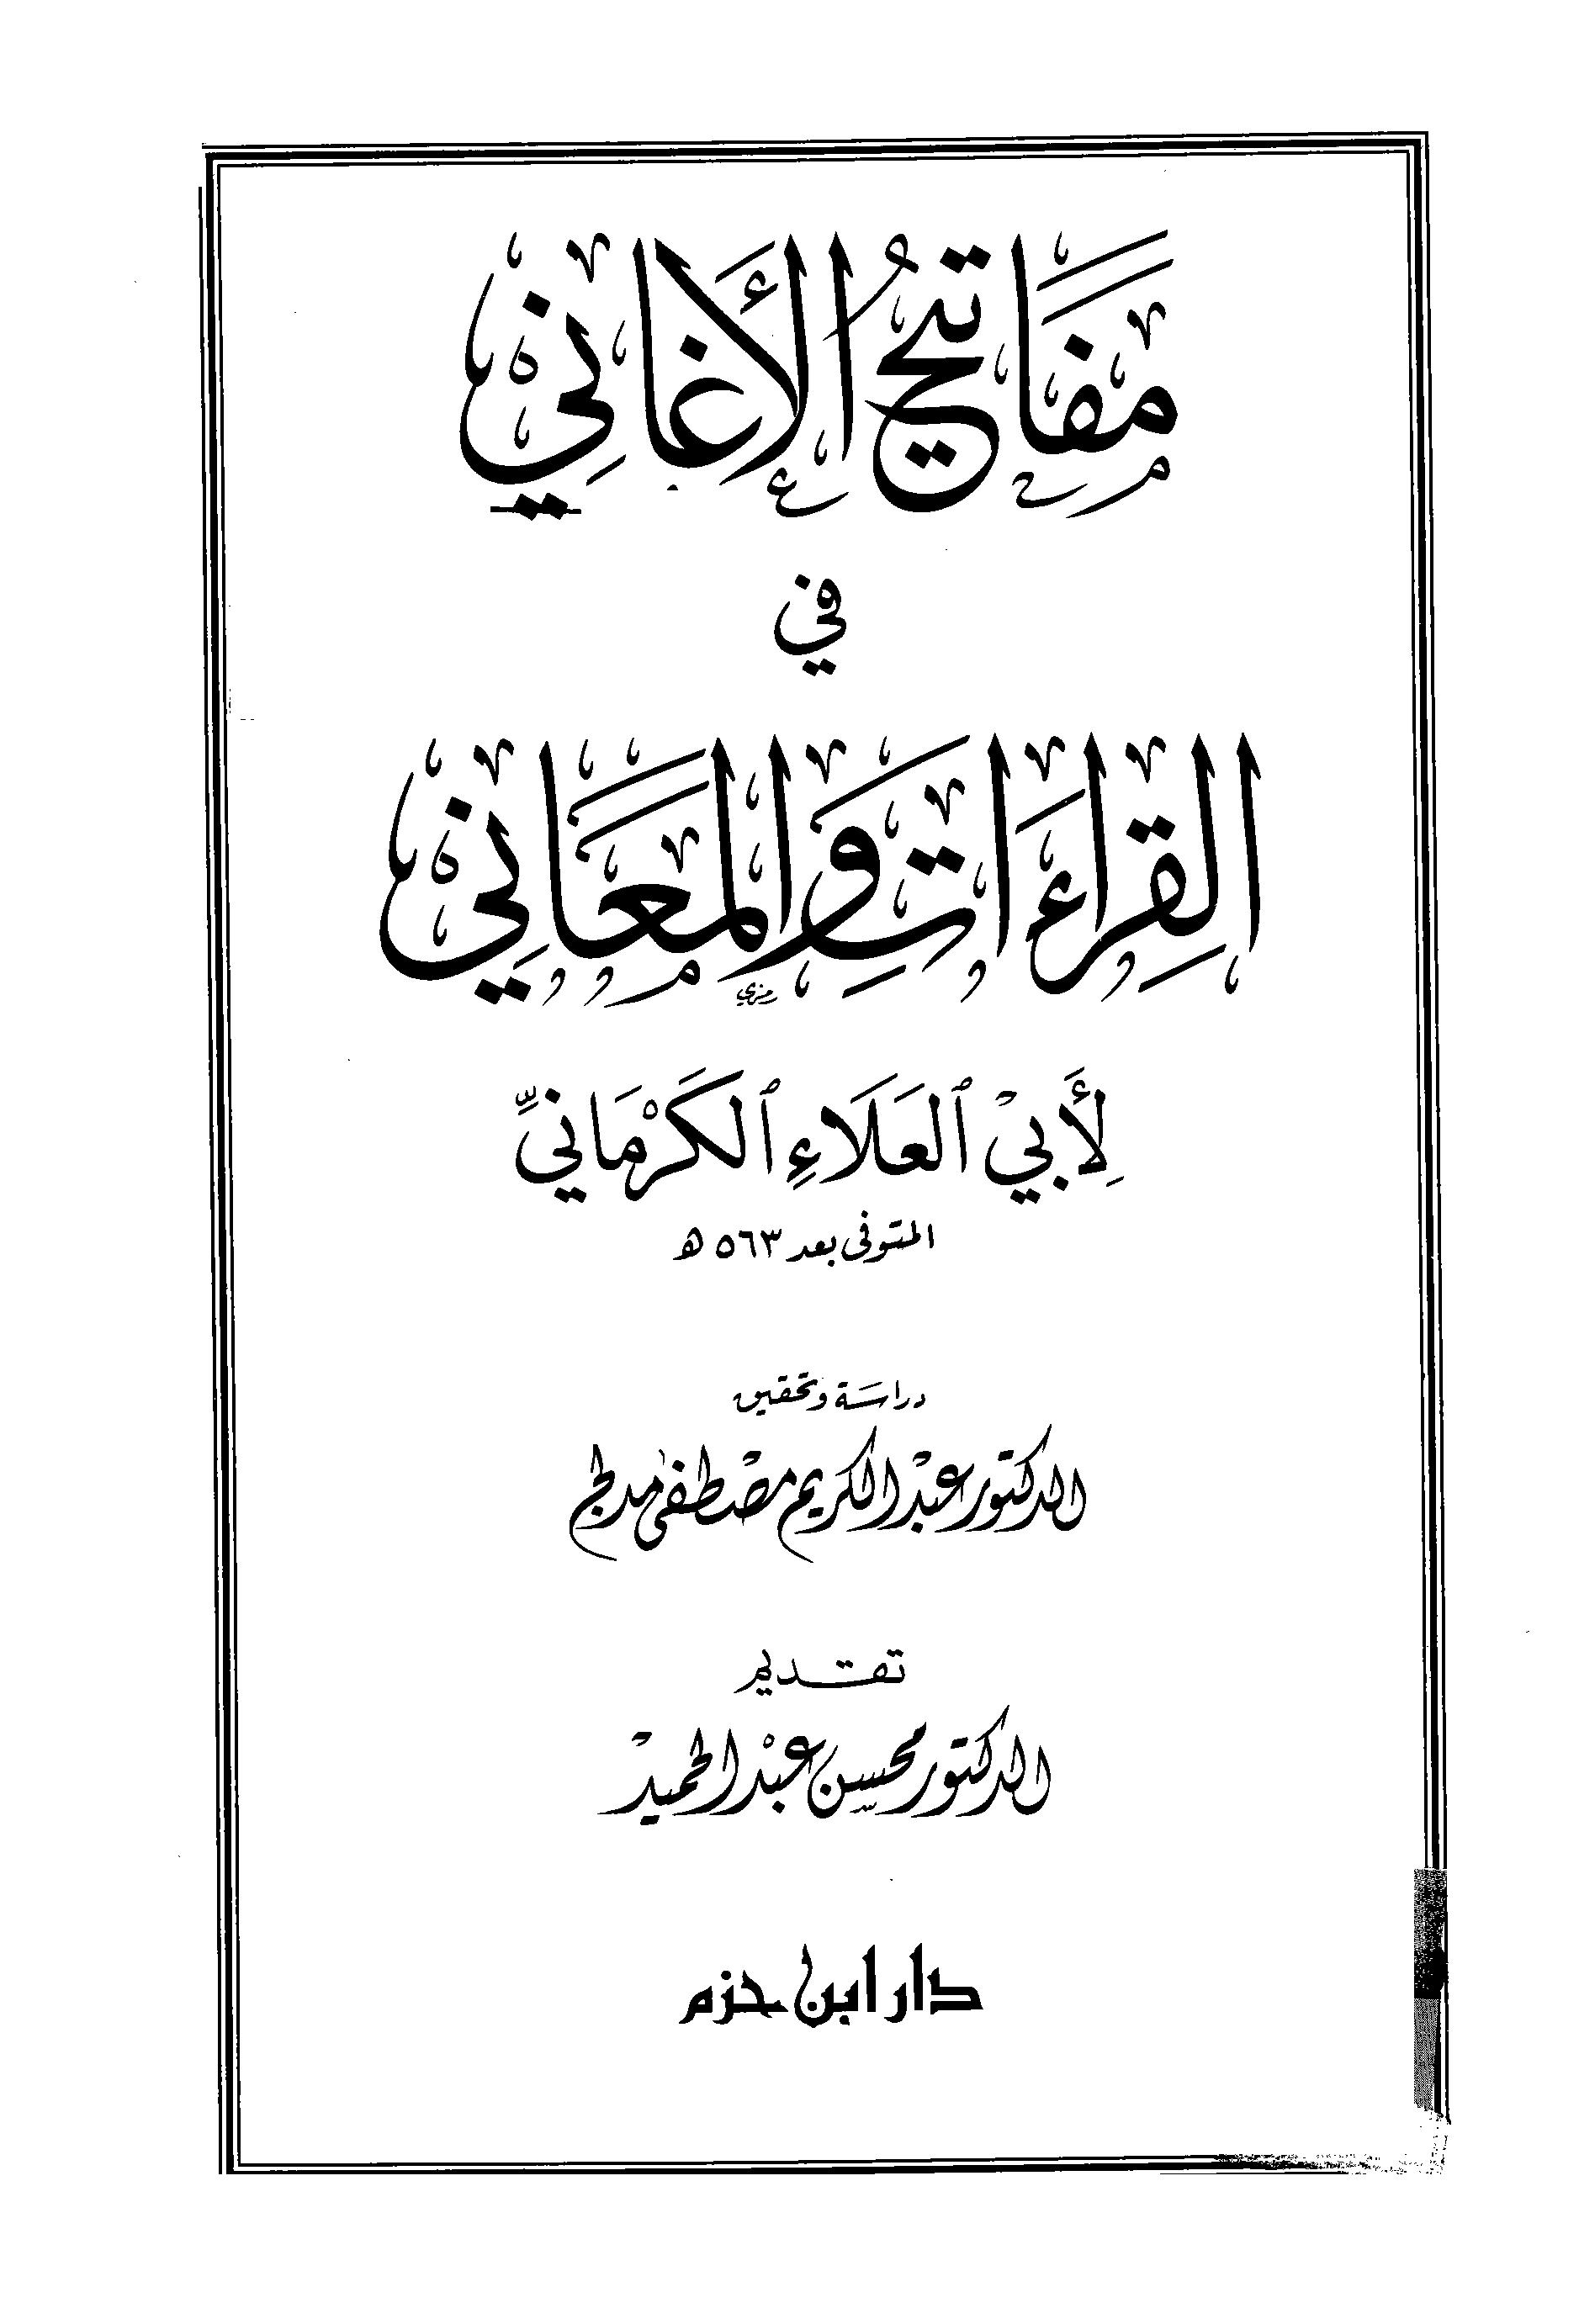 تحميل كتاب مفاتيح الأغاني في القراءات والمعاني لـِ: الإمام أبو العلاء محمد بن أبي المحاسن بن أبي الفتح الكرماني (ت بعد 563)